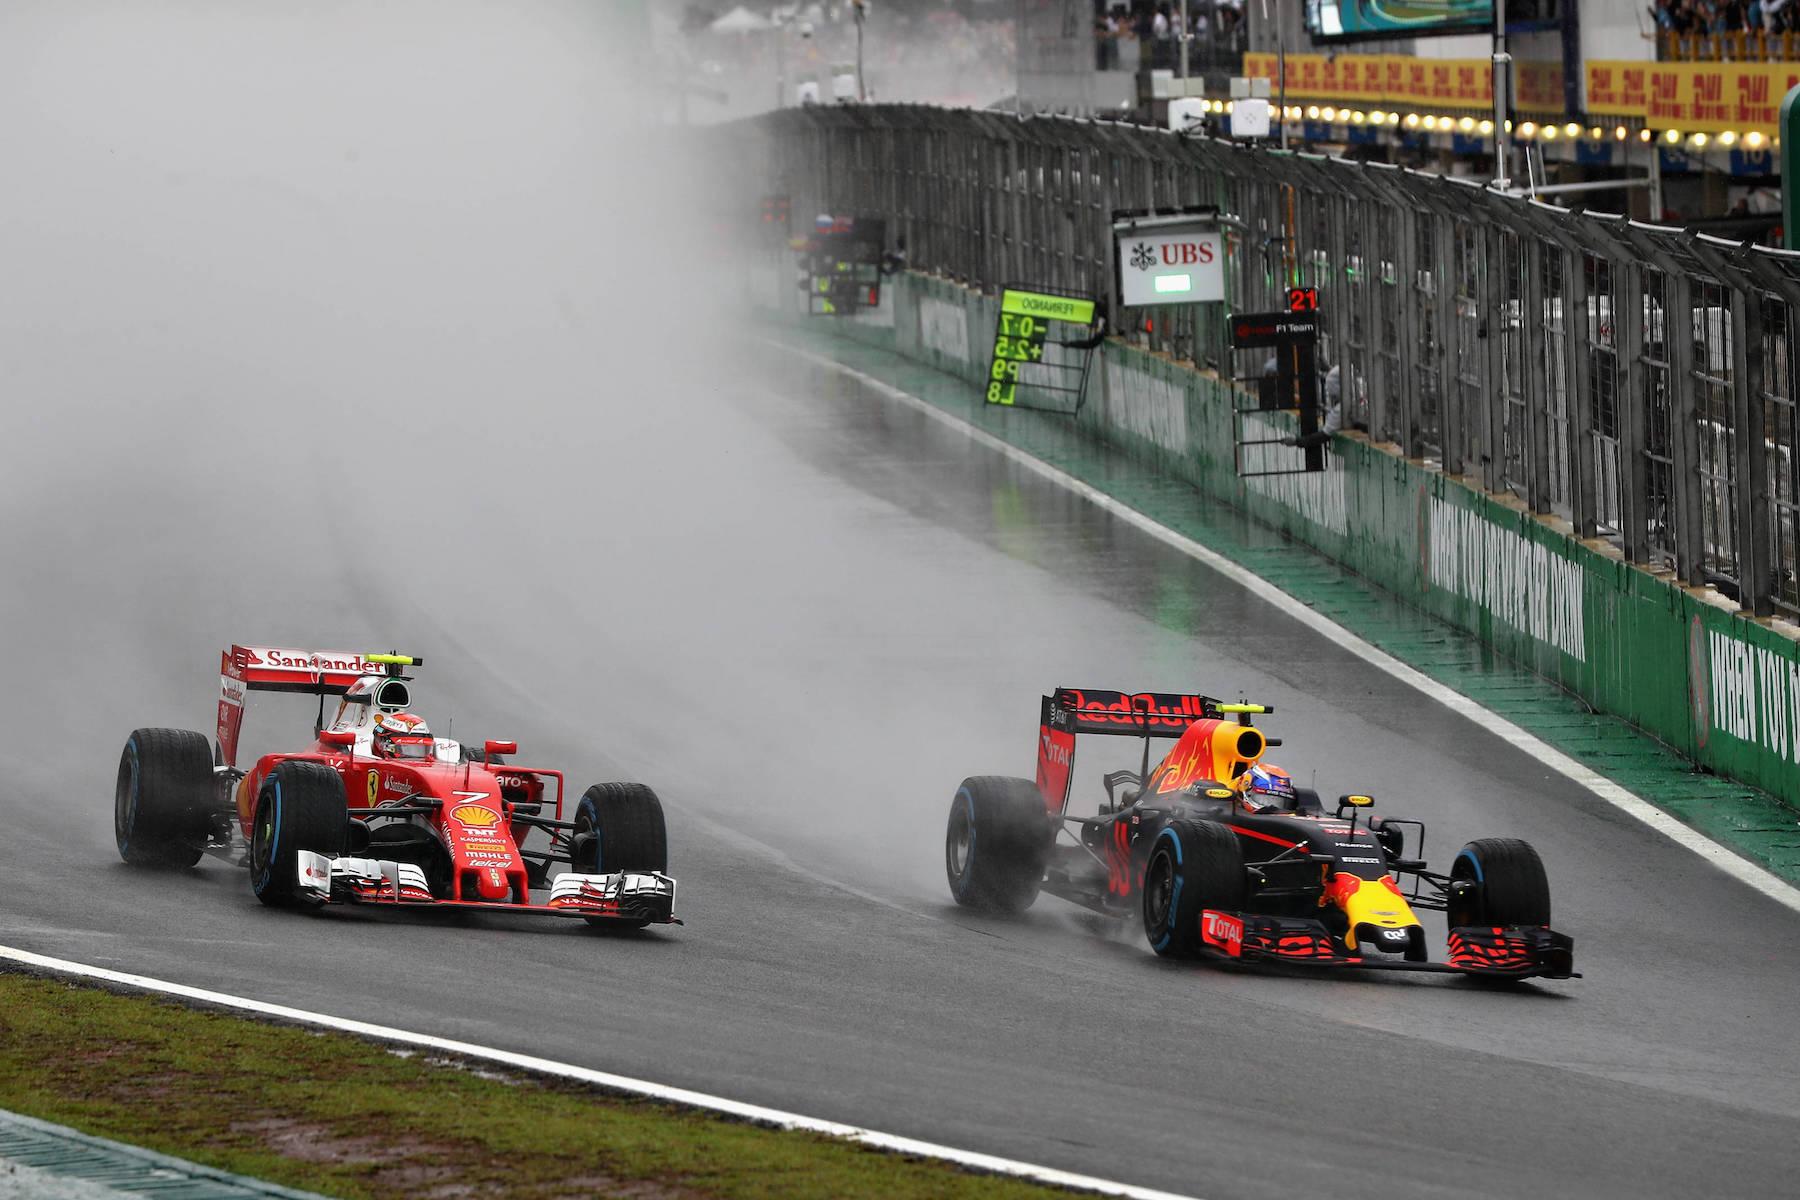 Salracing - Verstappen overtaking Raikkonen